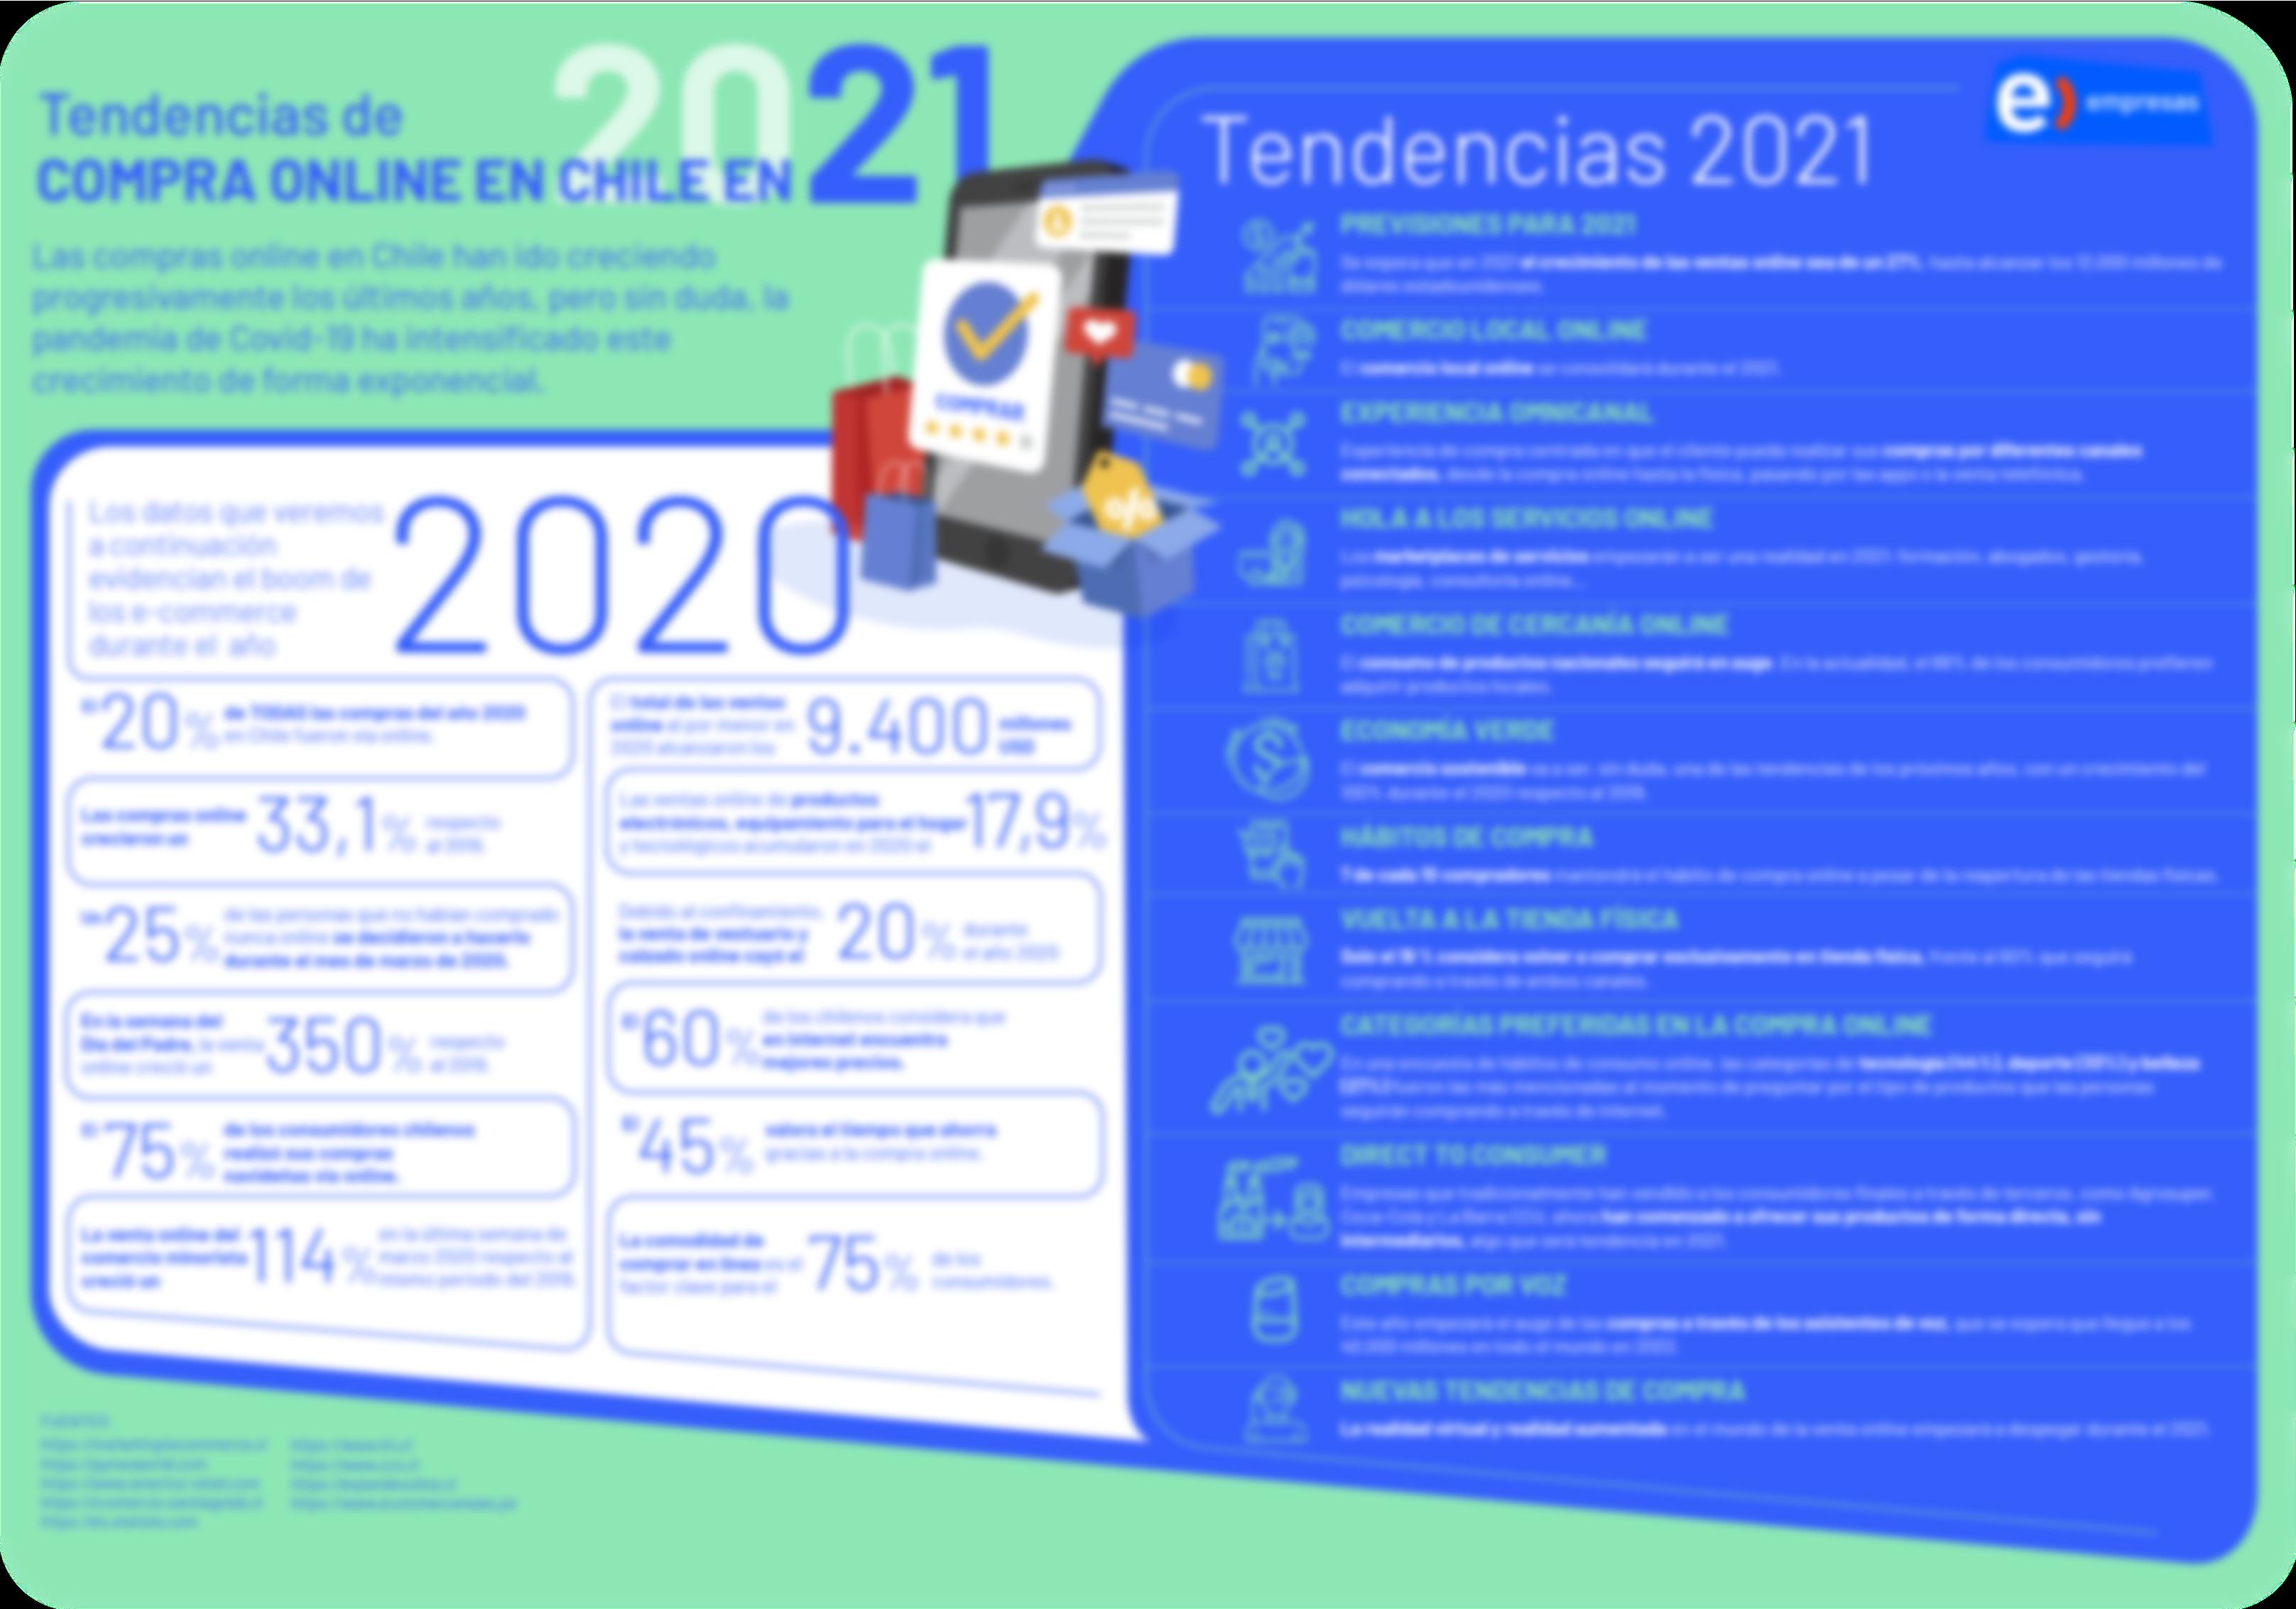 Info_COMPRAS ONLINE 2021 portada